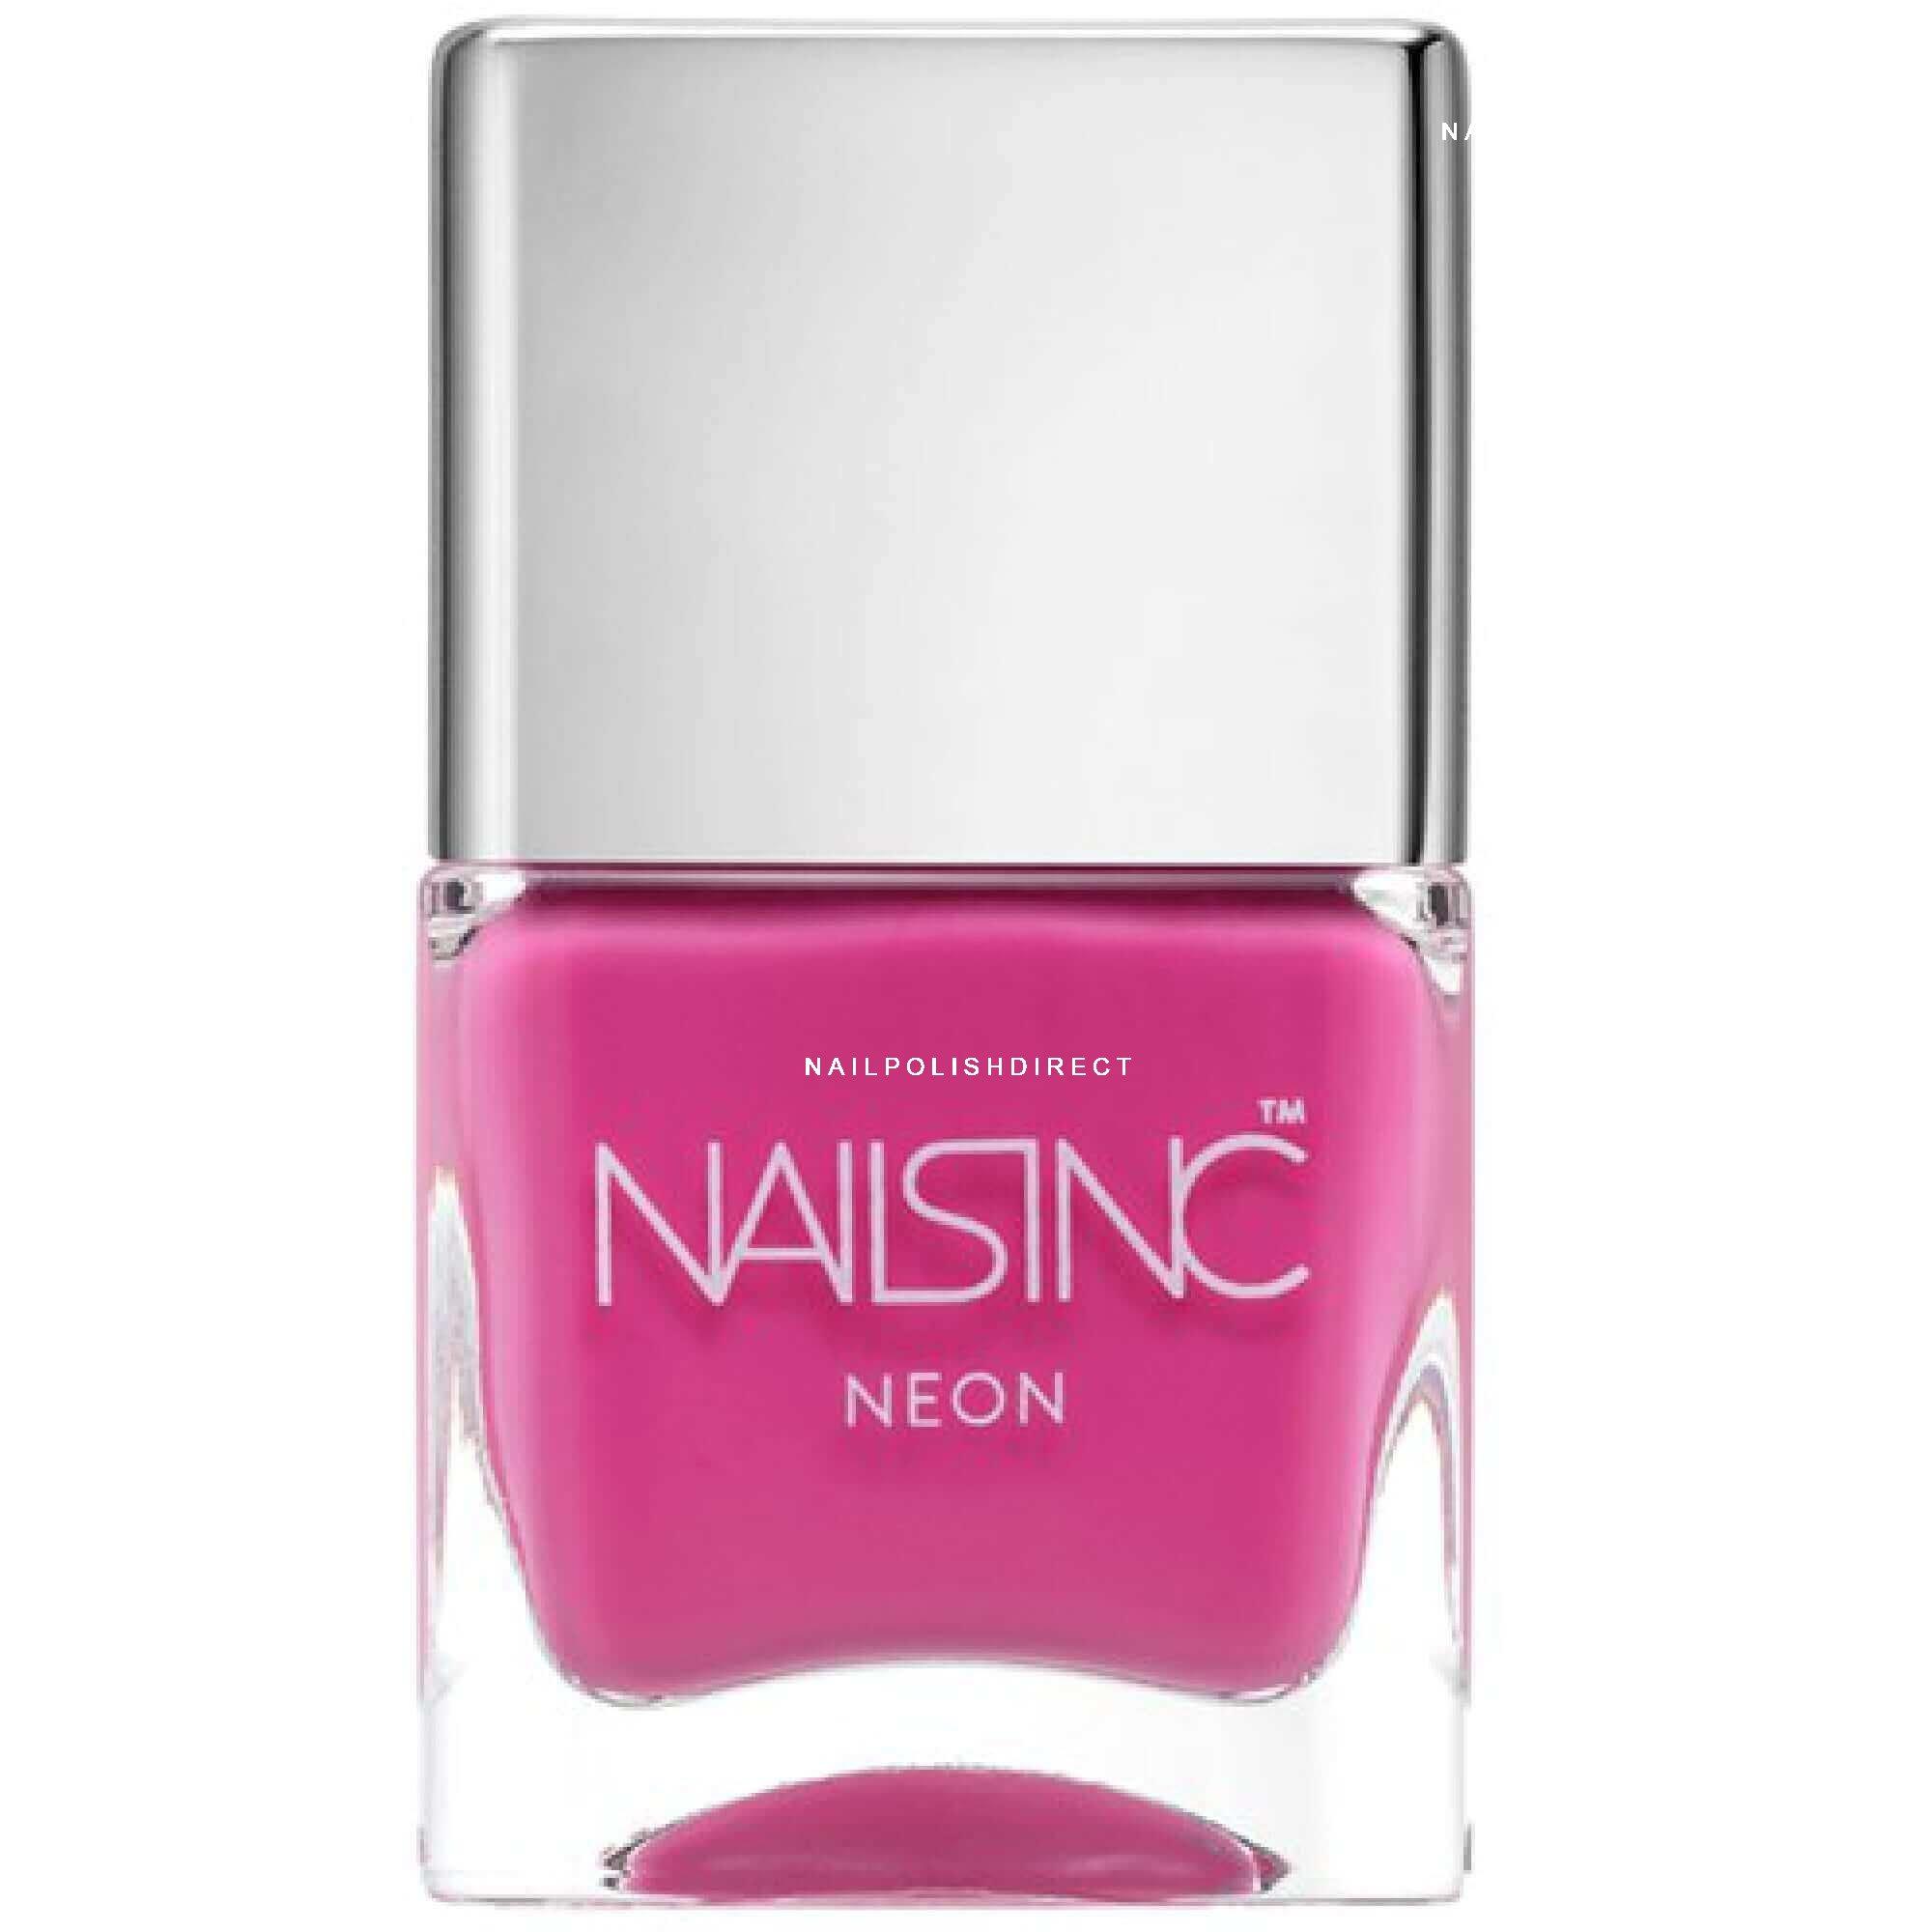 Neon Nail Polish Uk: Notting Hill Gate (7096) 14ml